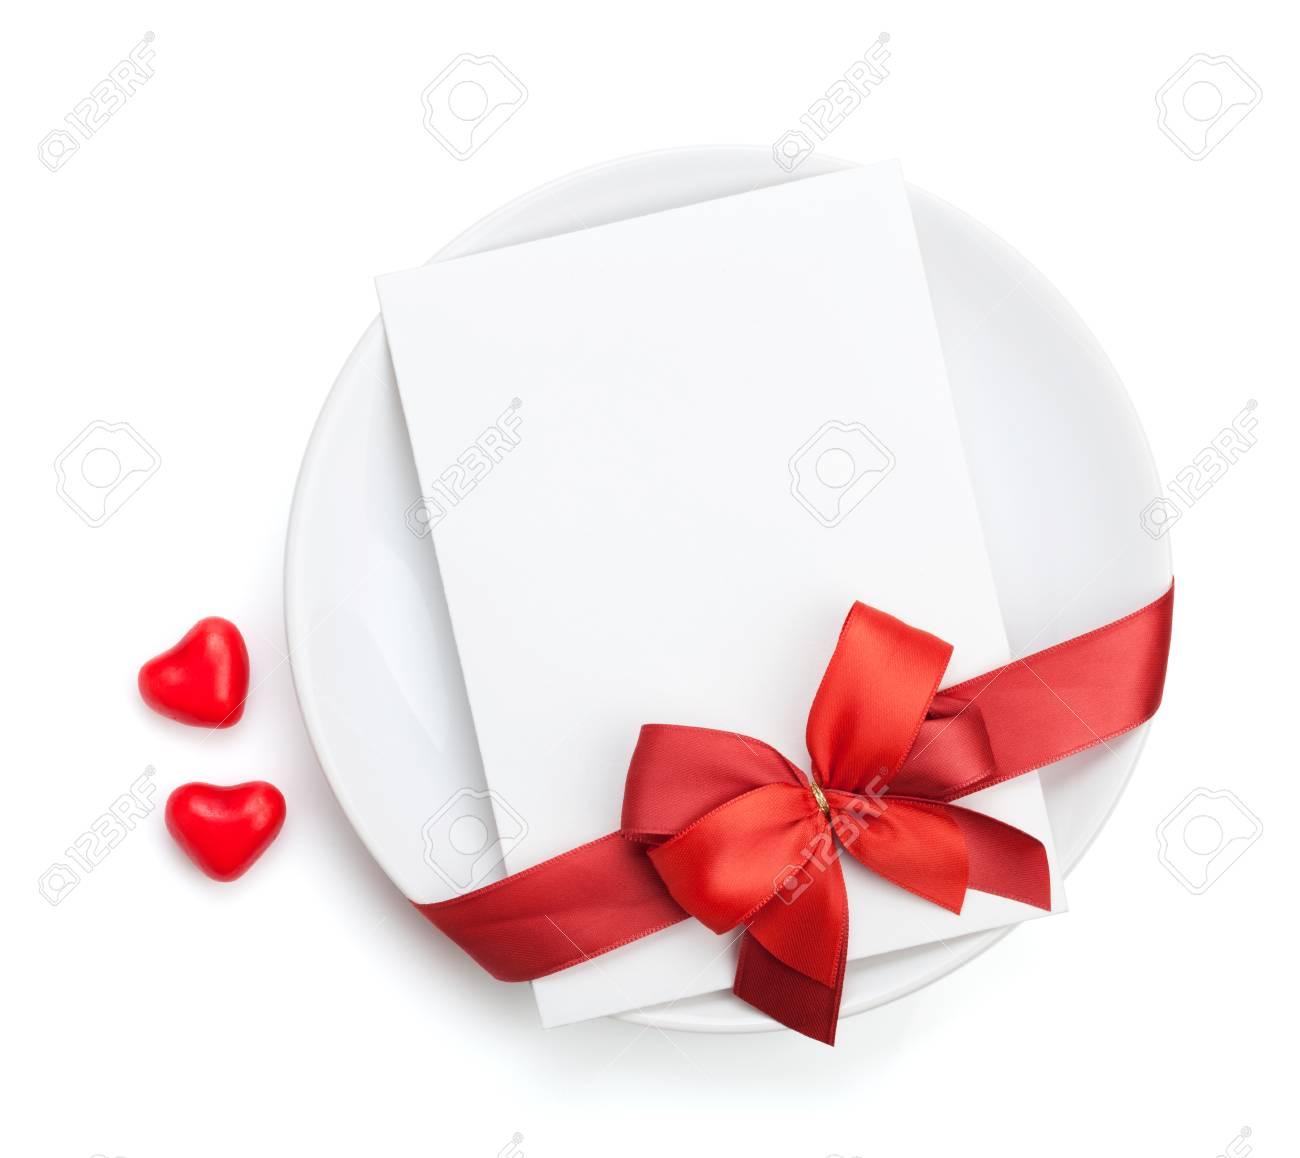 Jour de lettre d'amour de Saint-Valentin sur la plaque avec l'arc rouge. Isolé sur fond blanc Banque d'images - 24951755